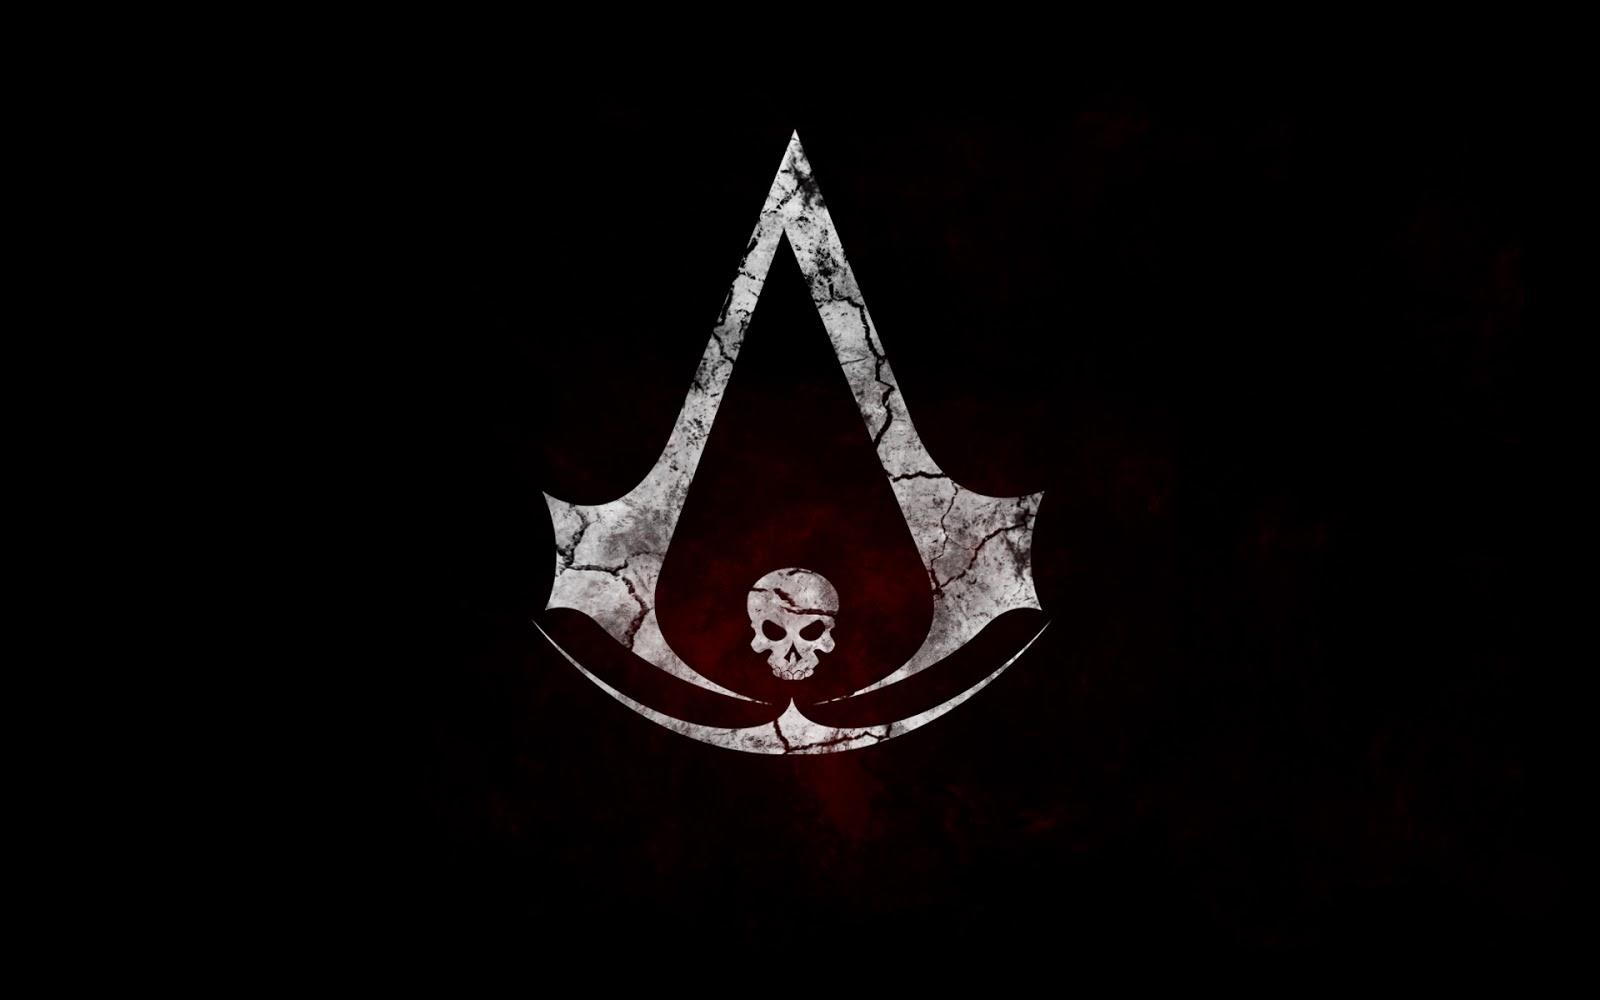 assassins creed 4 black flag hd pics